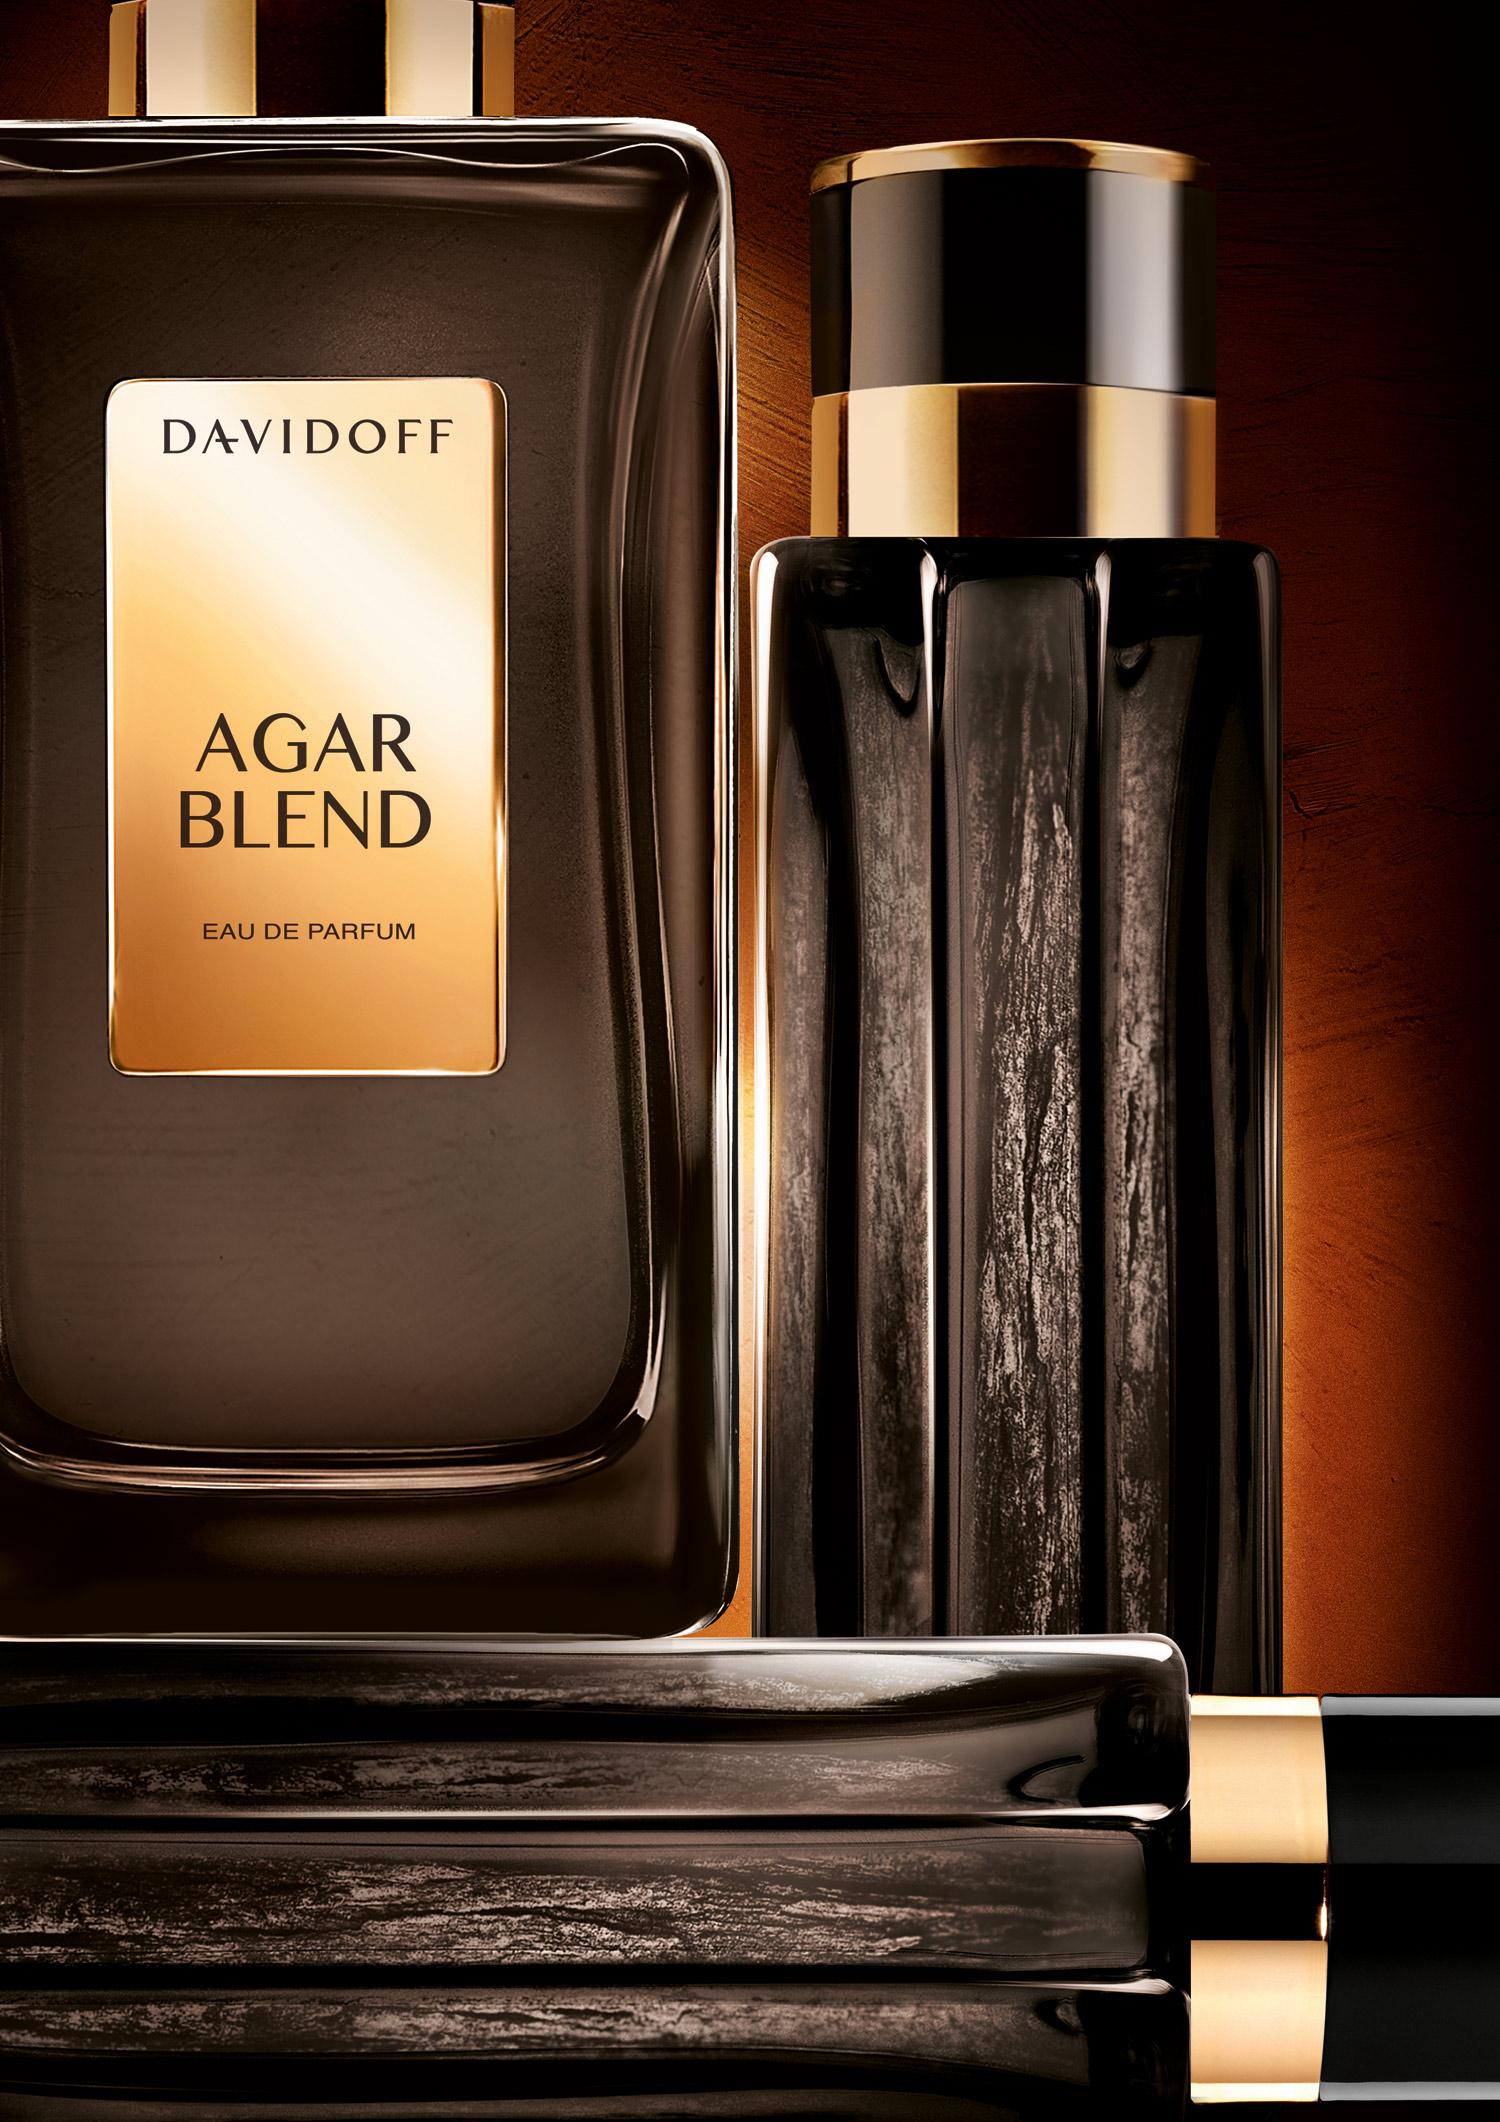 Davidoff Agar Blend Davidoff Perfume A Fragrance For Women And Men